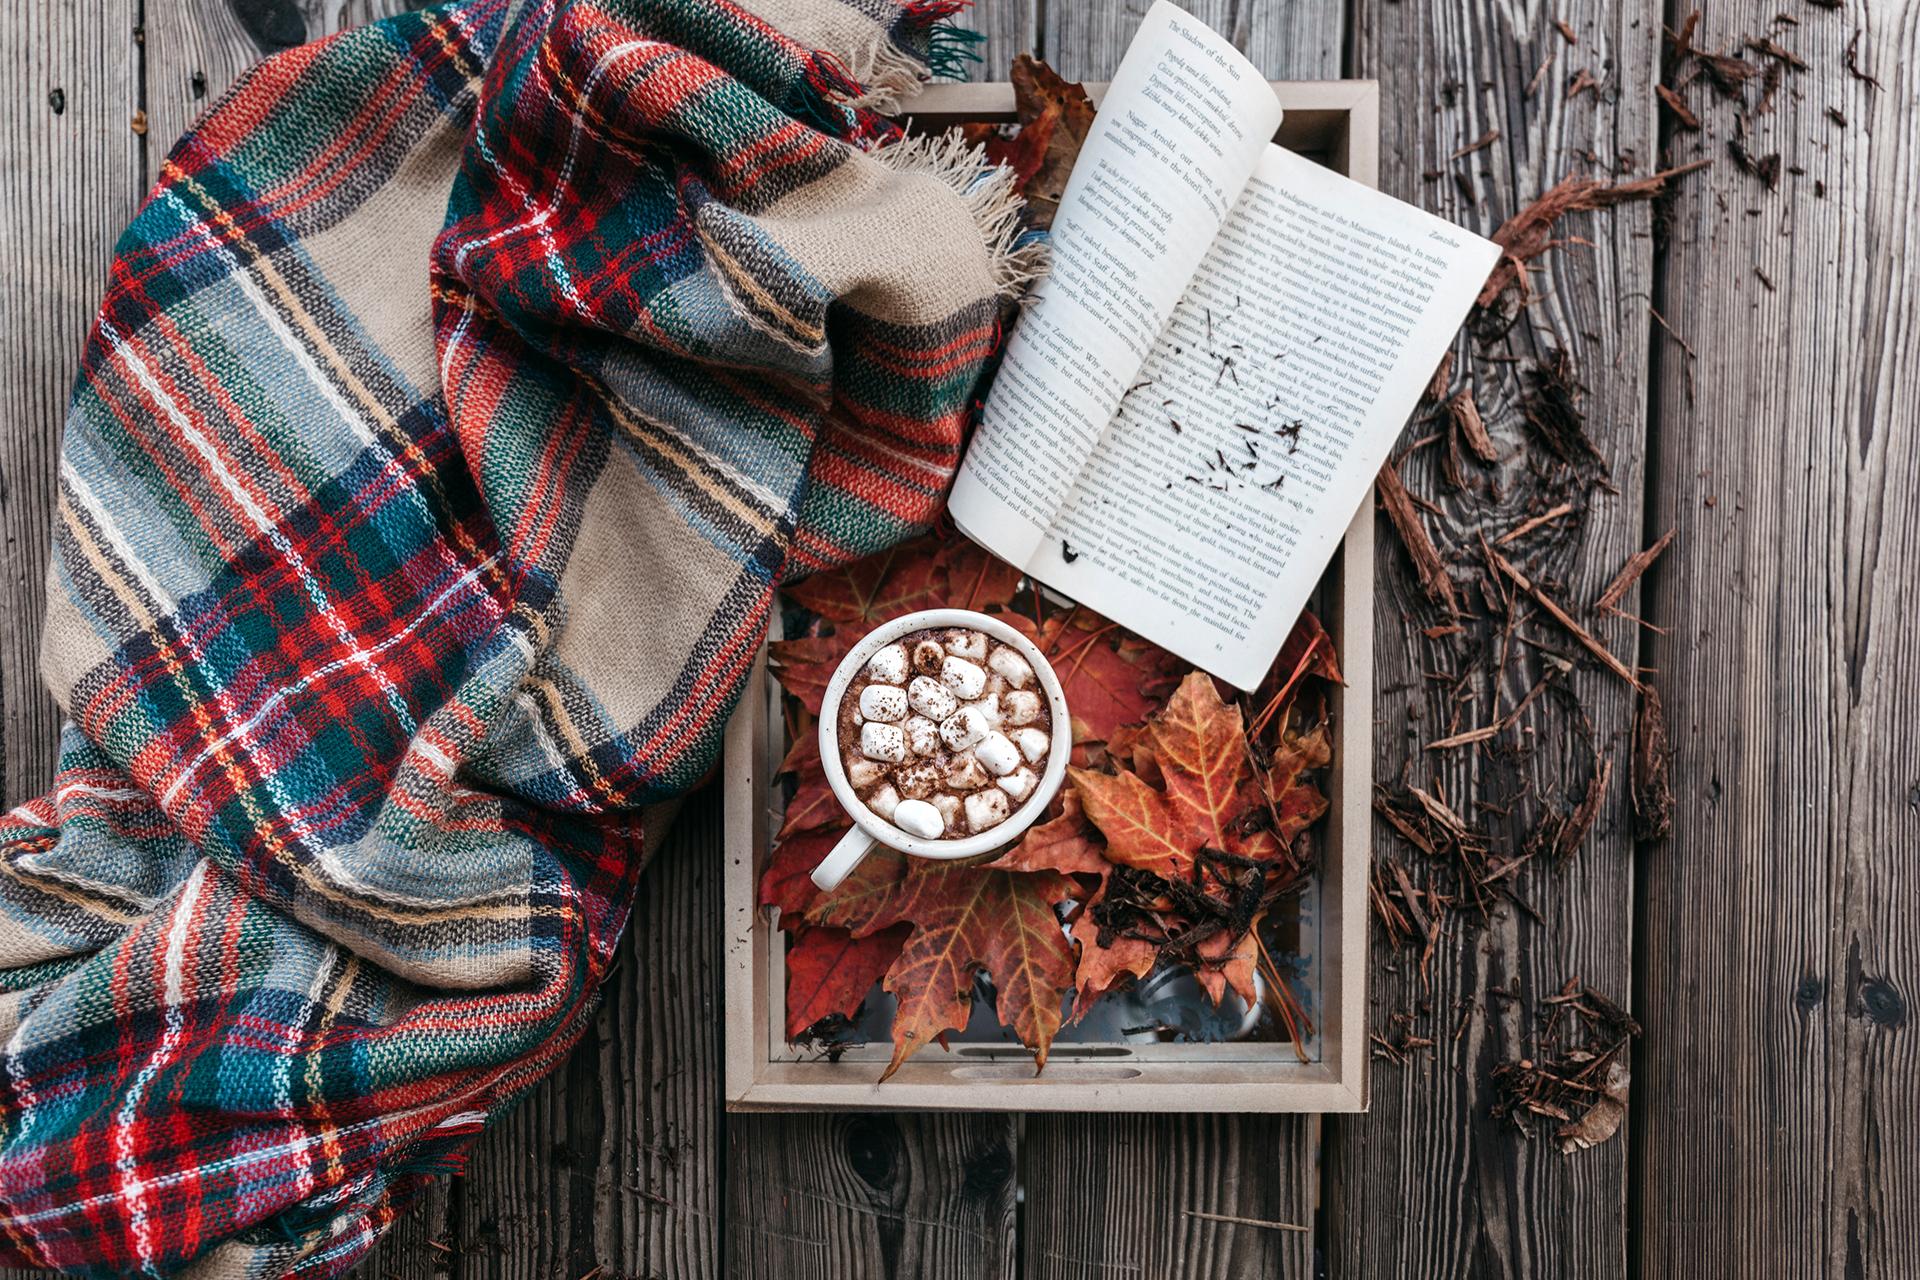 Gerade im Winter ist Tonka Chocolate mit Marshmallows als wärmendes Getränk beliebt